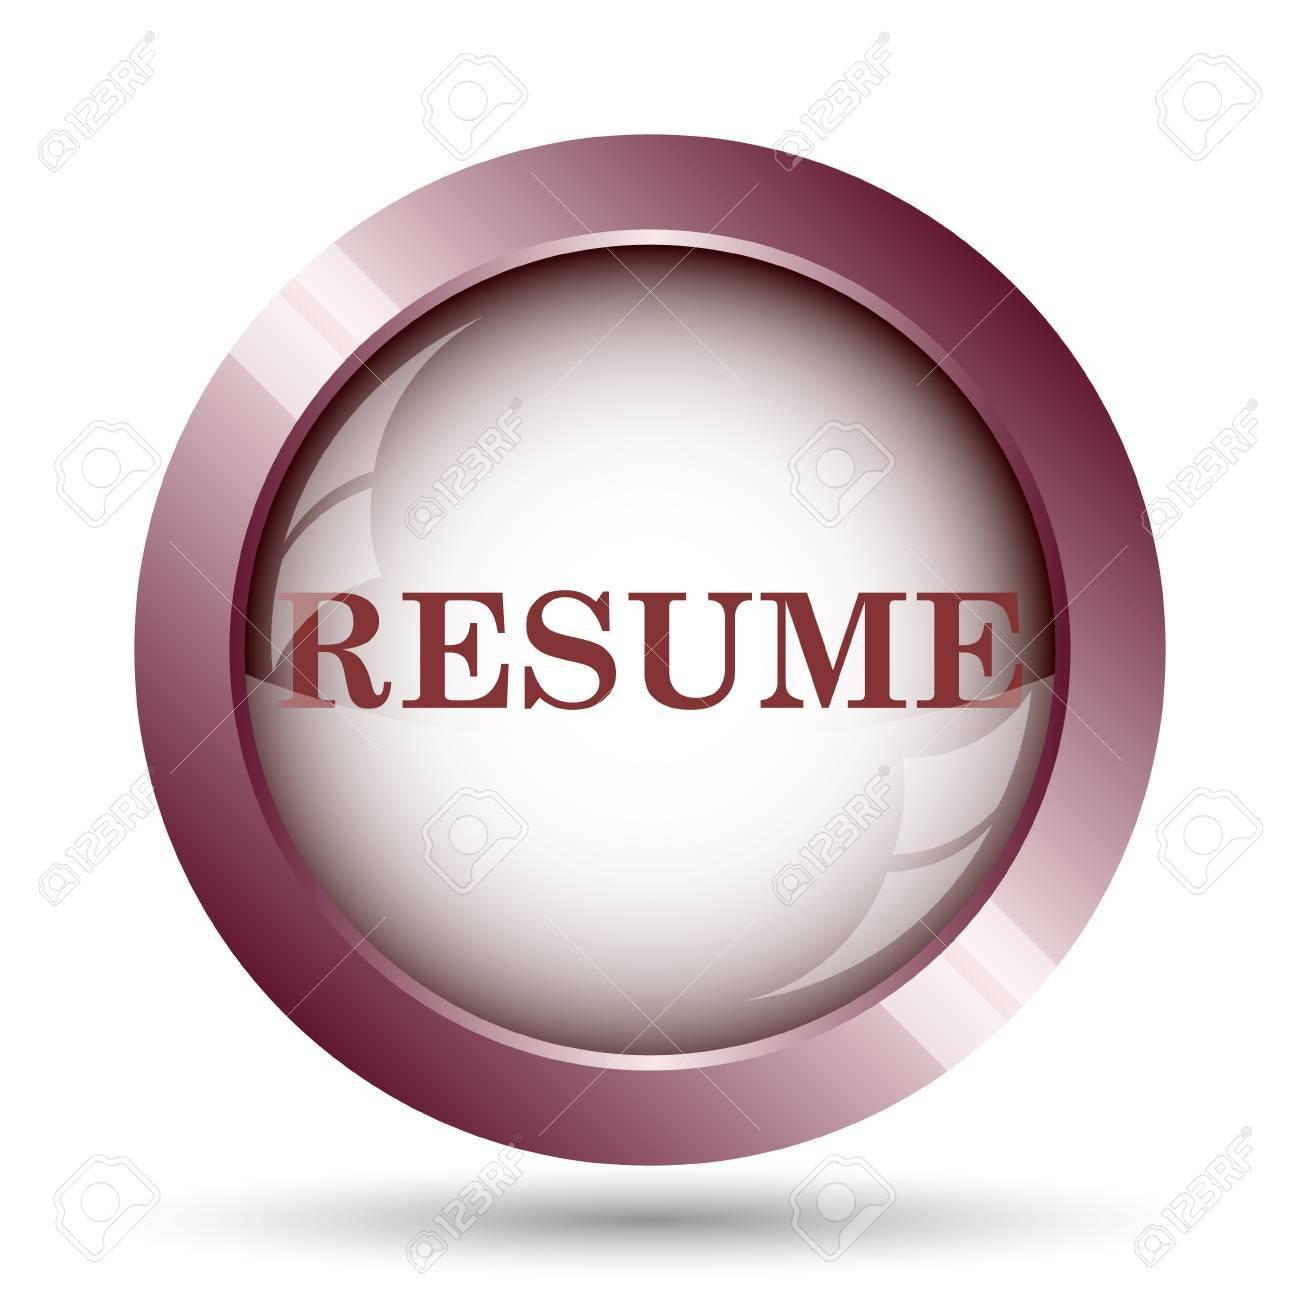 resume icon internet button on white background stock photo resume icon internet button on white background stock photo 49232801